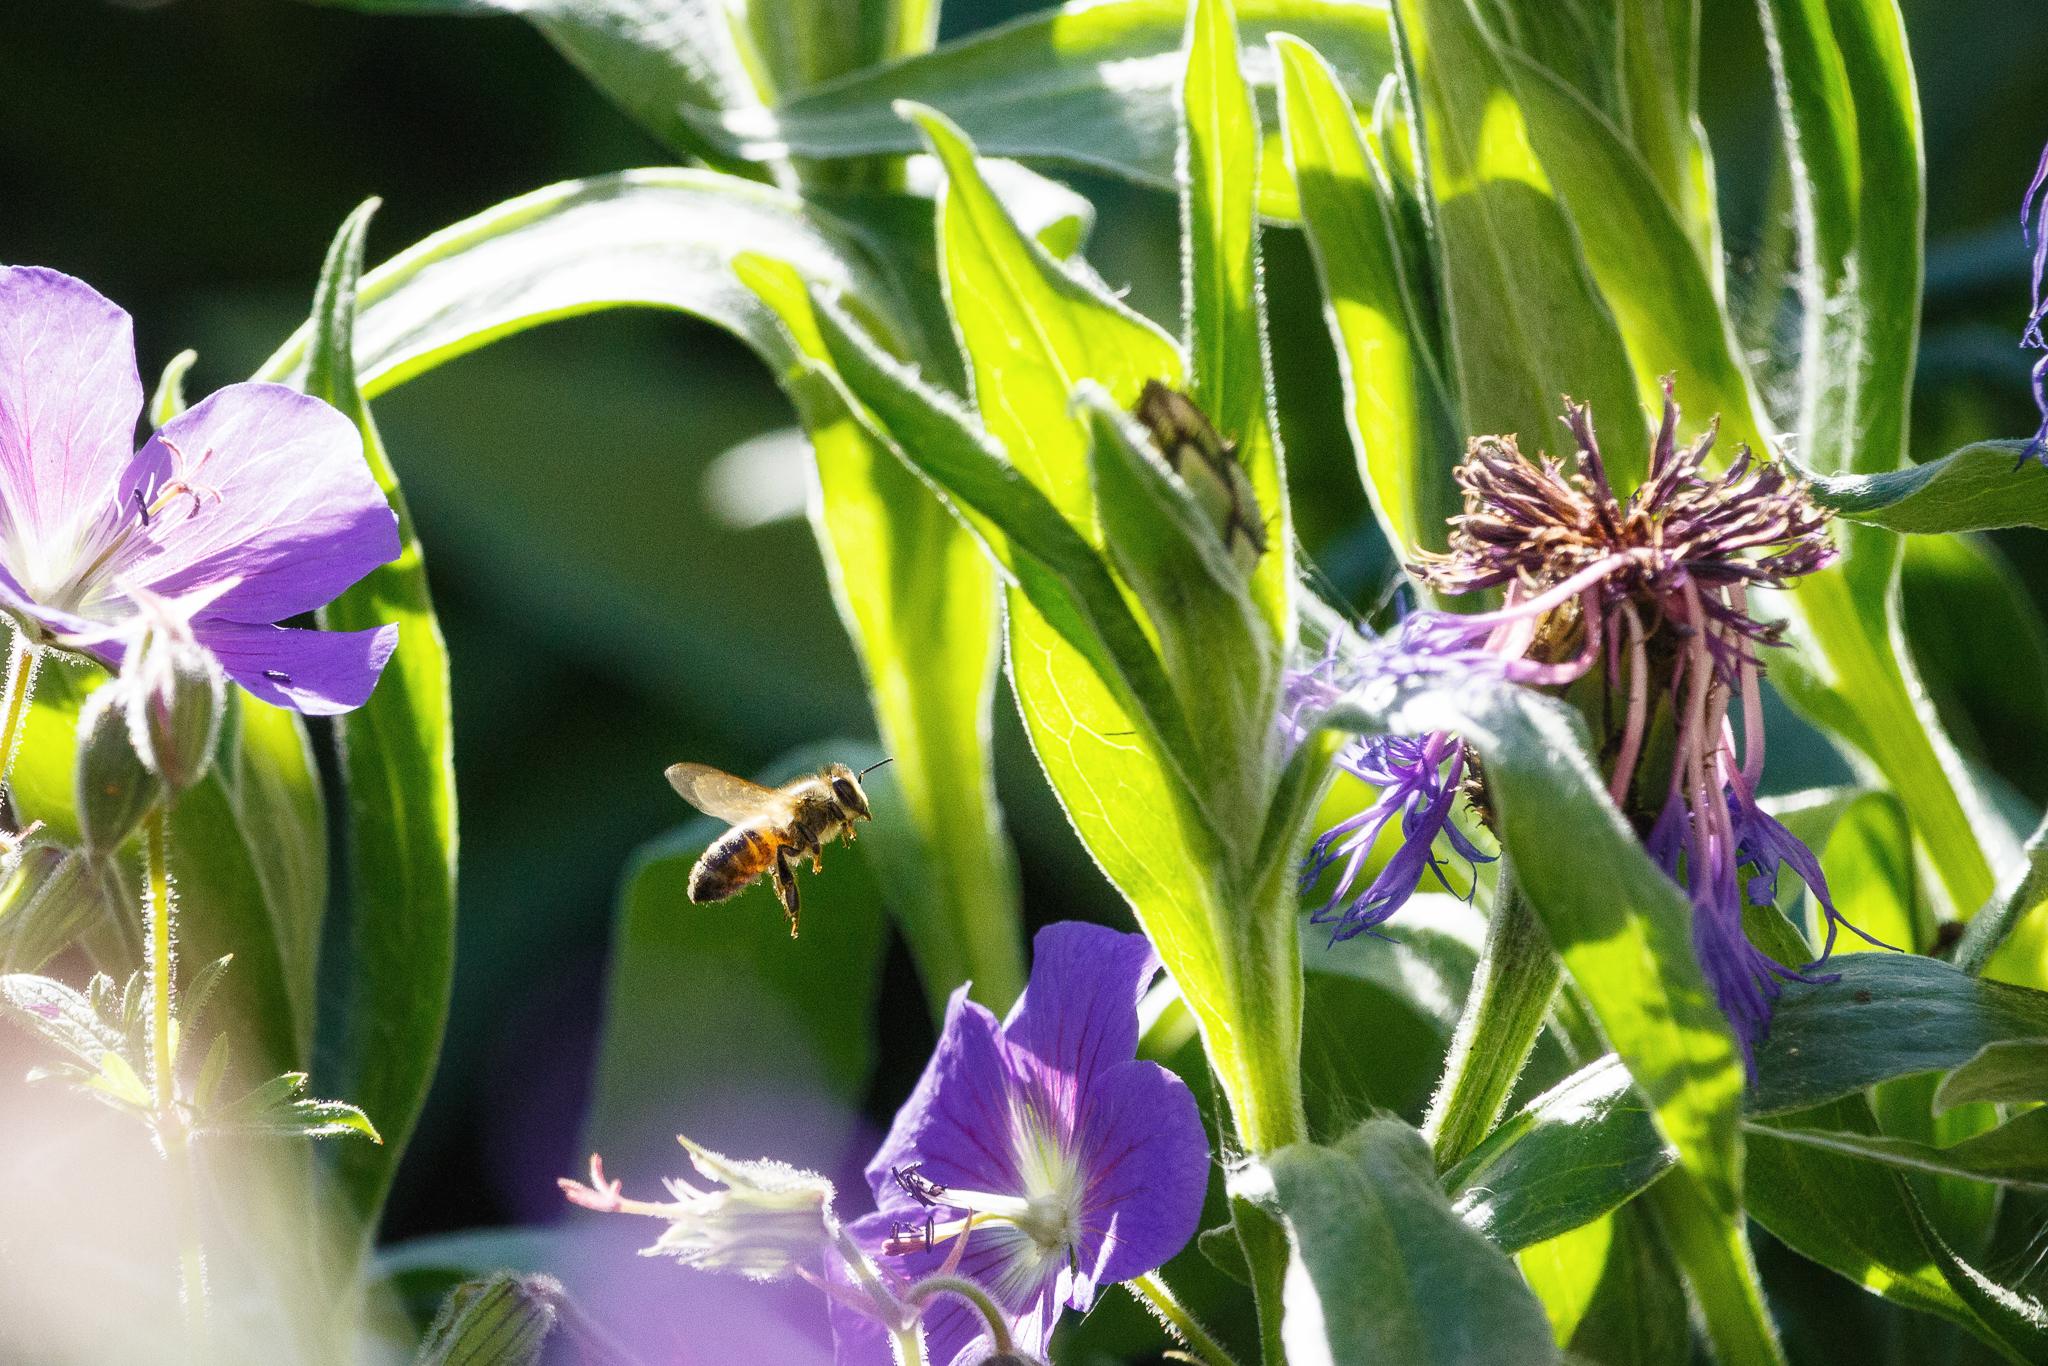 Die Biene.